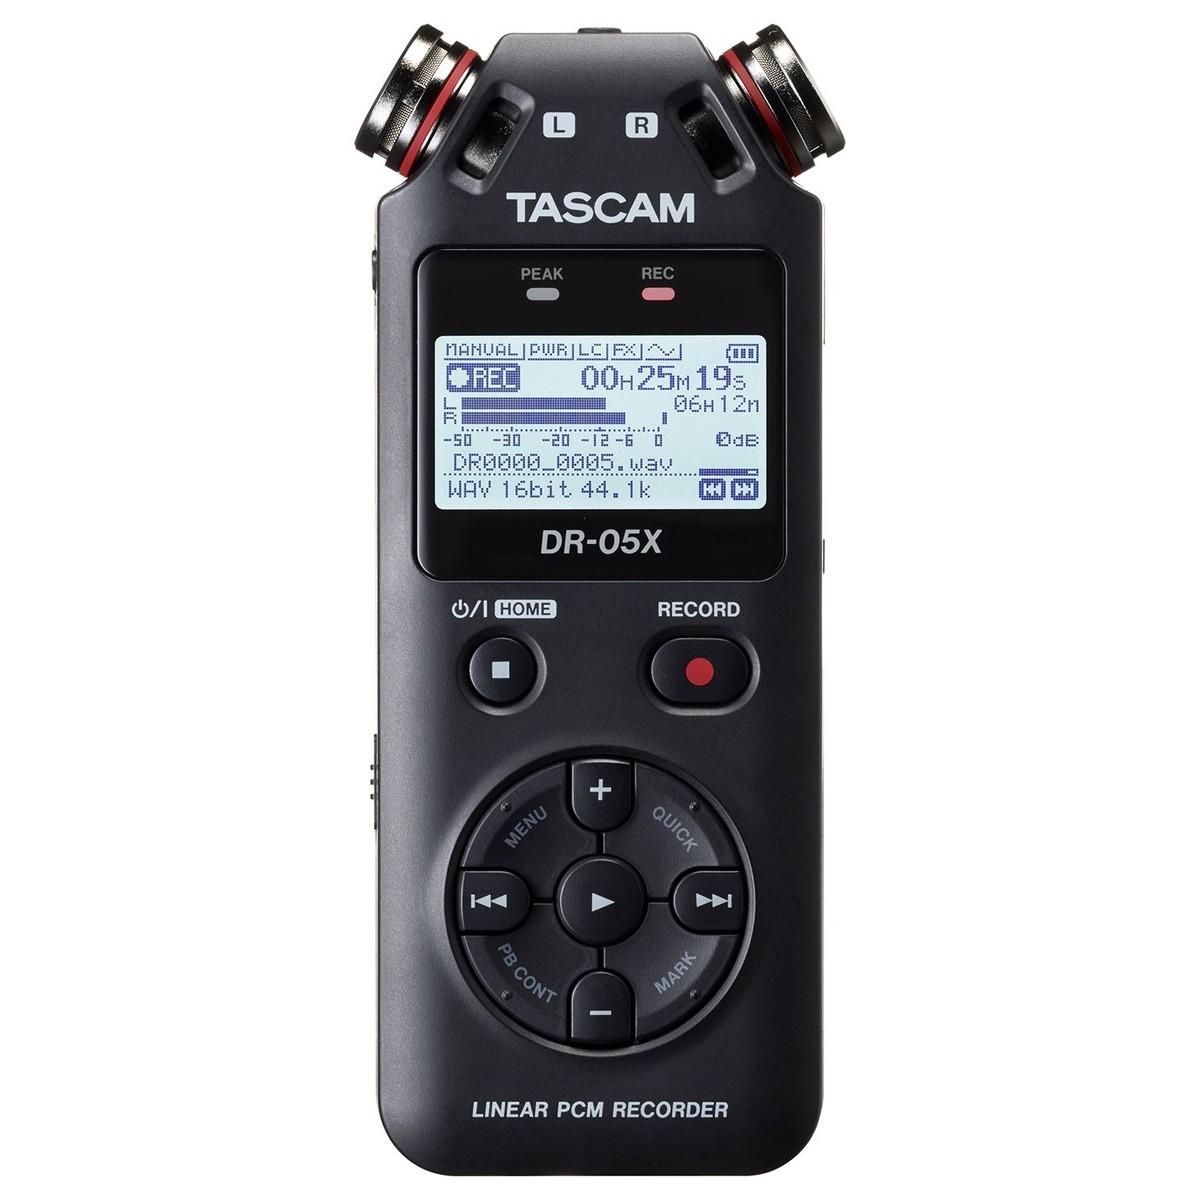 TASCAM DR-05X REGISTRATORE DIGITALE PALMARE CON INTERFACCIA USB DR05X